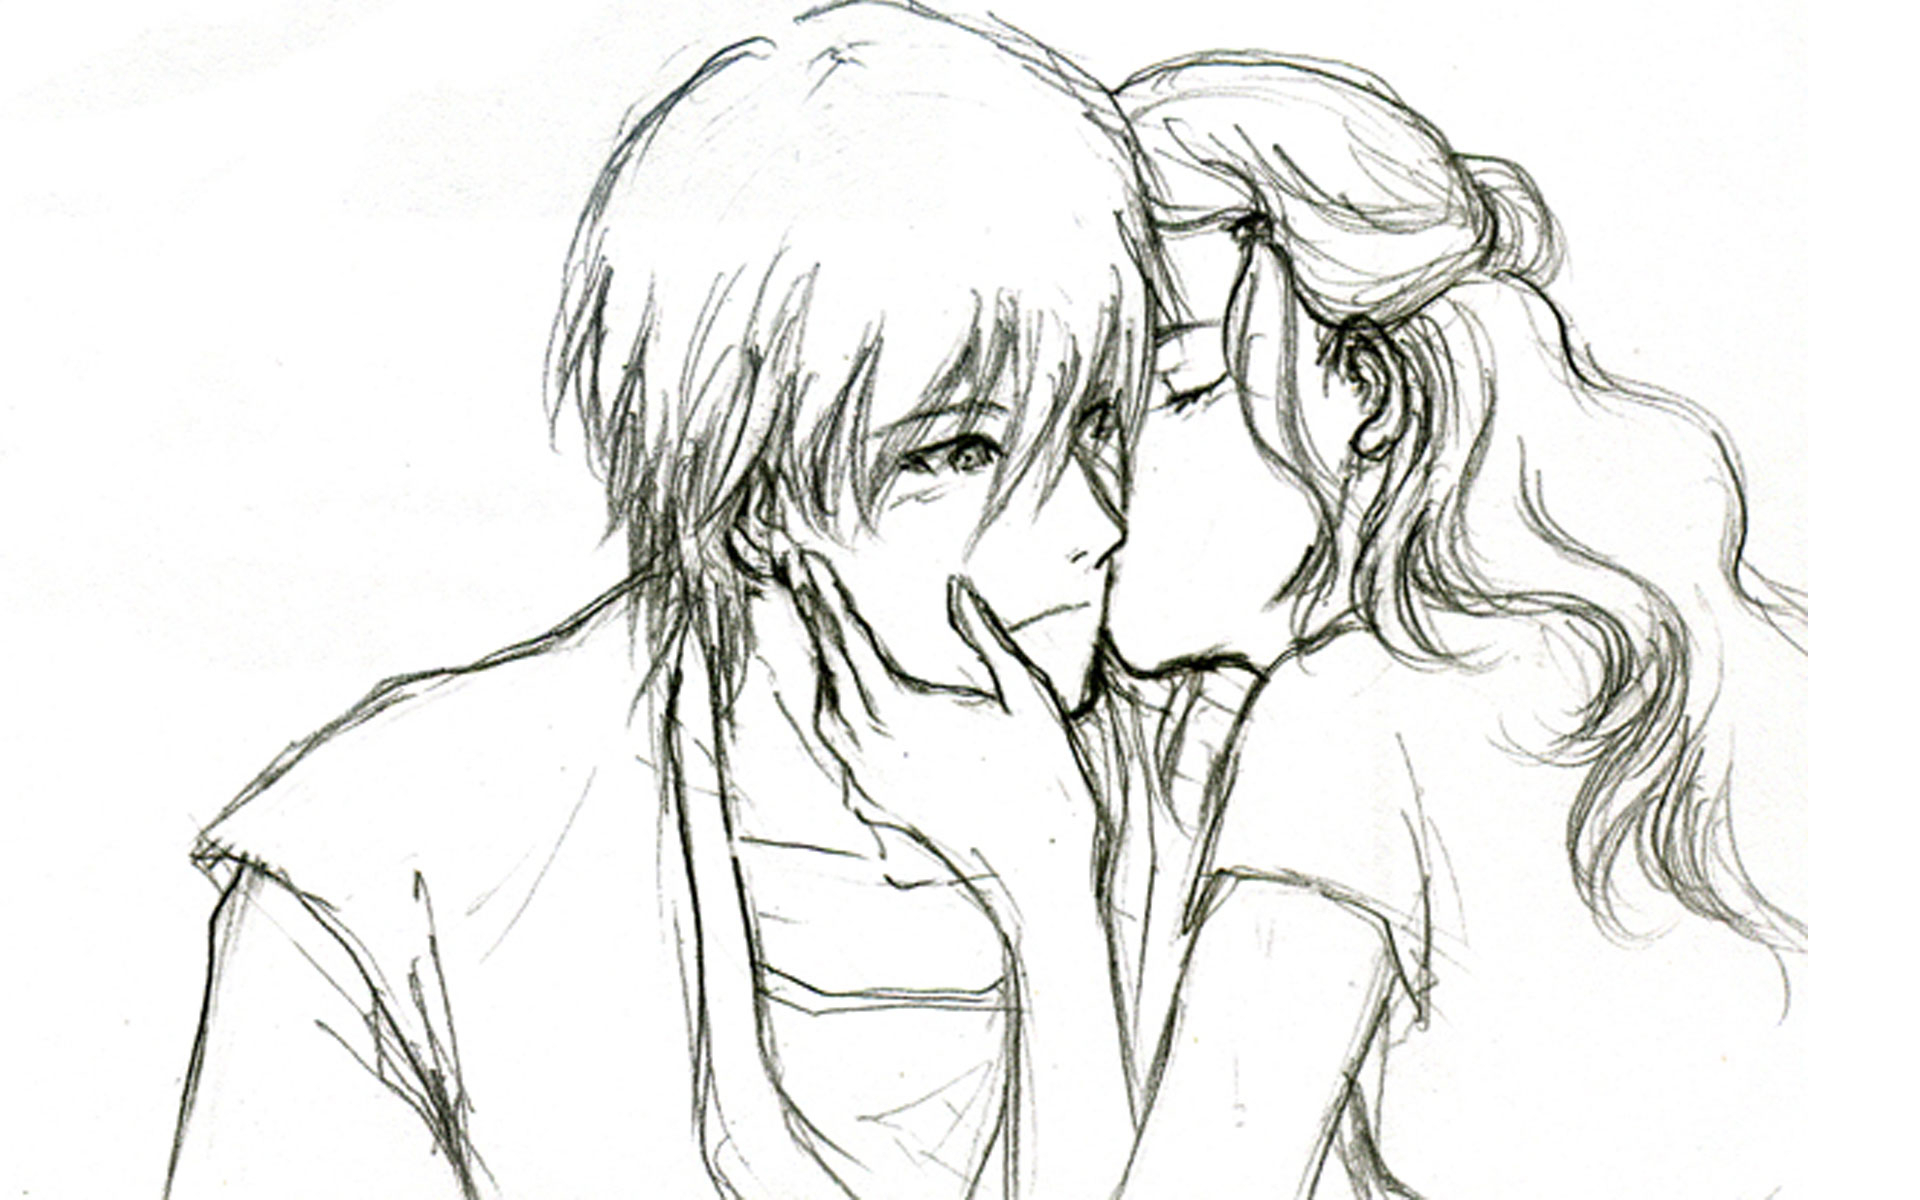 1920x1200 Boy And Girl Drawing Wallpaper Cute Love Drawings Pencil Art Hd